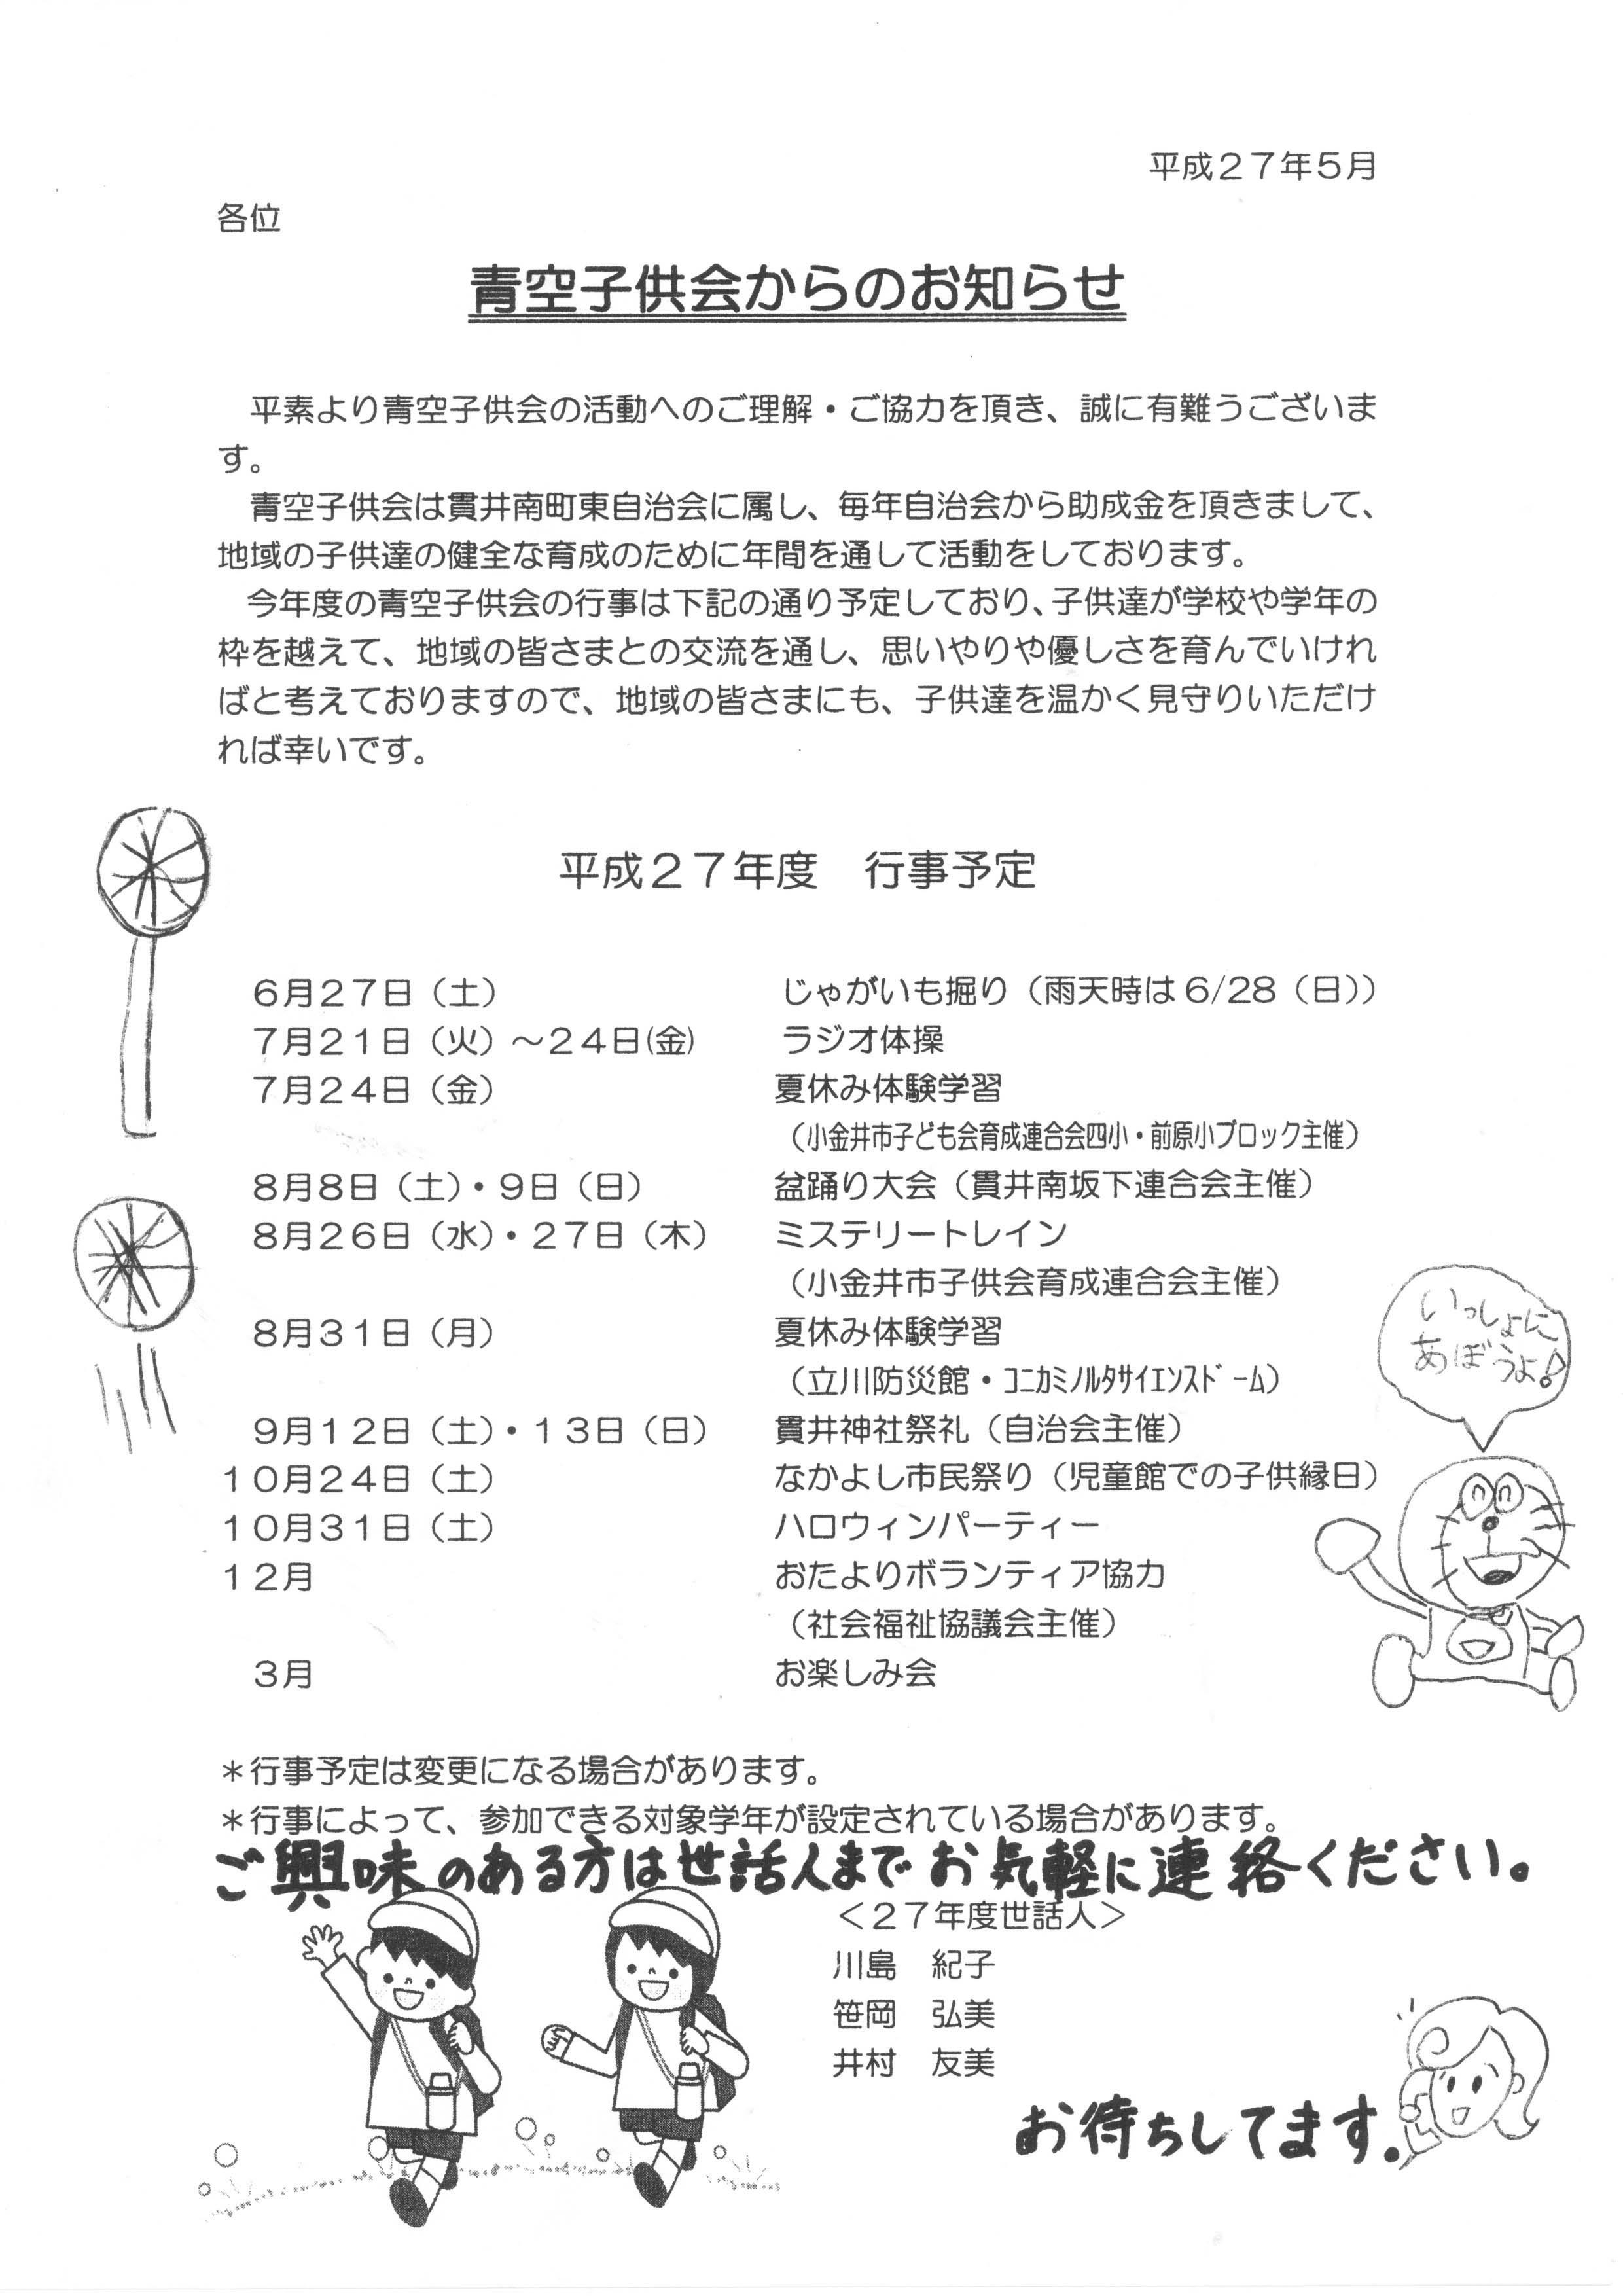 小金井市・貫井南町東自治会